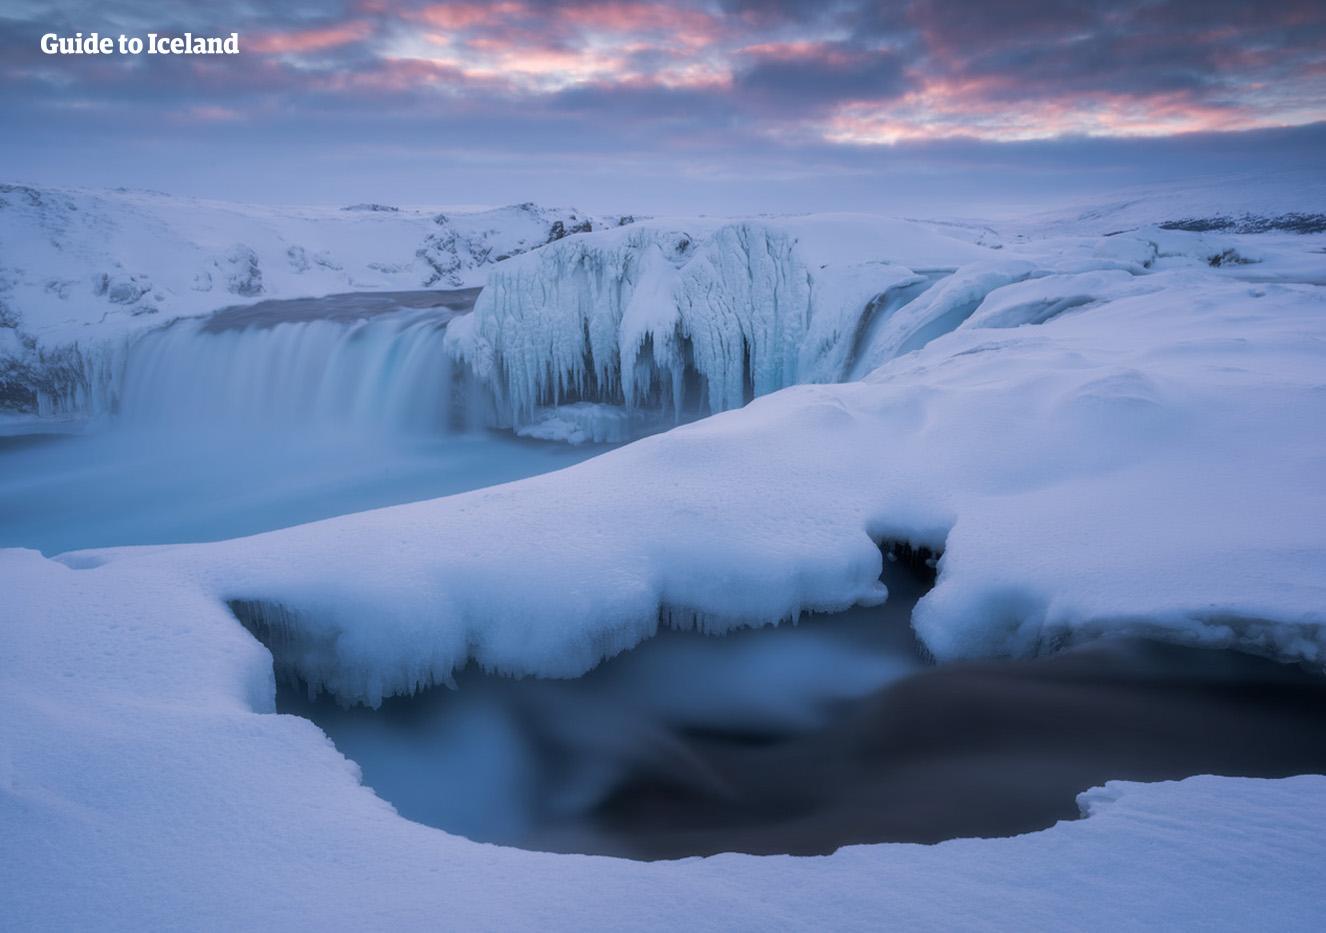 7-дневный зимний автотур | Золотое кольцо и Северная Исландия - day 2